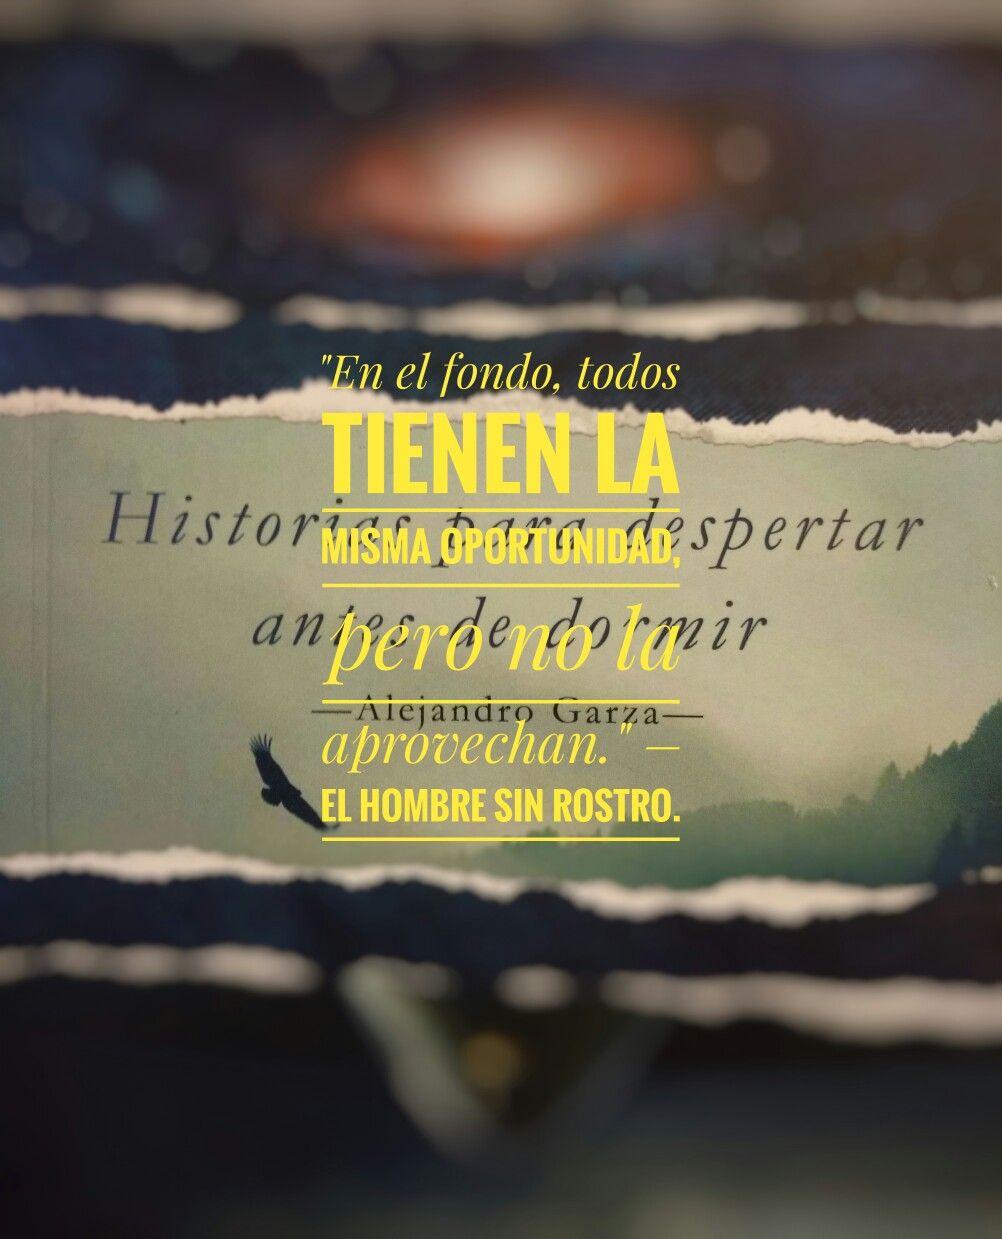 """Lee el relato del """"Hombre sin rostro"""" en el libro «Historias para despertar antes de dormir"""".   FB: @AlejandroGarza86 Twitter: @alejandrogza86  #libros #frases #quotes #lectura #escritura #monterrey #autores #escritores"""